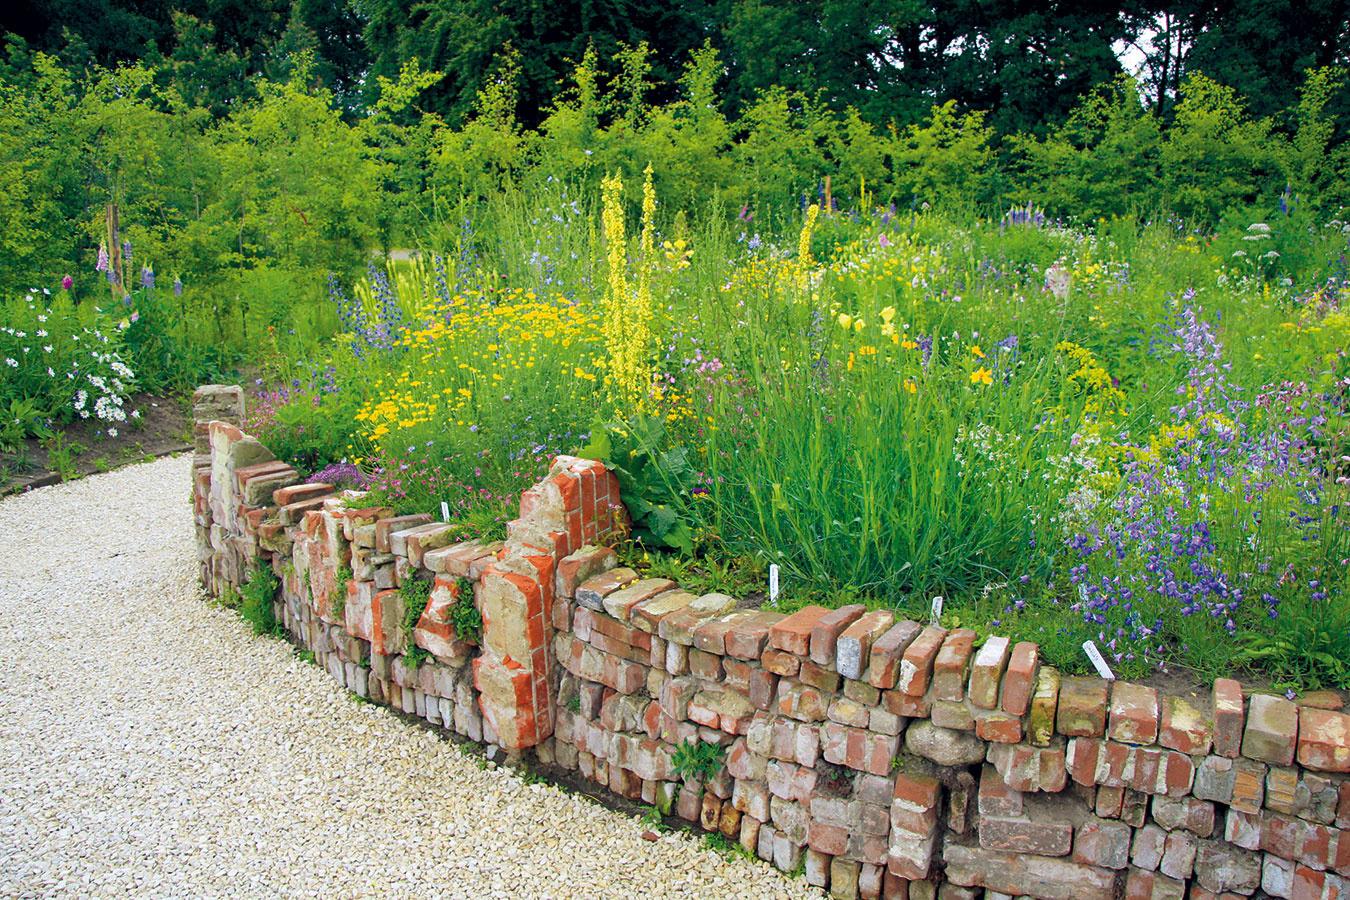 Suché múriky nachádzajú uplatnenie najmä v ekologicky koncipovaných záhradách. Pri ich vytváraní možno využiť nielen prírodný kameň, ale aj staré tehly. Múrik by mal mať stabilné základy, nemusí mať jednotnú výšku a šírku, hoci by nemal byť príliš vysoký. Zo starých tehál môžete vytvoriť aj vyvýšený záhon, na riešenie terénnych nerovností ale nie sú najvhodnejšie. Tehly pôsobia pekne najmä v spojení s kvitnúcimi trvalkami, lúčnymi rastlinami, okrasnými trávami, papraďami či cibuľovinami. Pri výsadbe tehlových múrikov sa oplatí voliť rastliny, ktoré sa rozširujú samovýsevom, ako aj druhy, ktoré lákajú živočíchy, prípadne majú liečivé účinky. Takáto kompozícia najlepšie vynikne na vidieku.